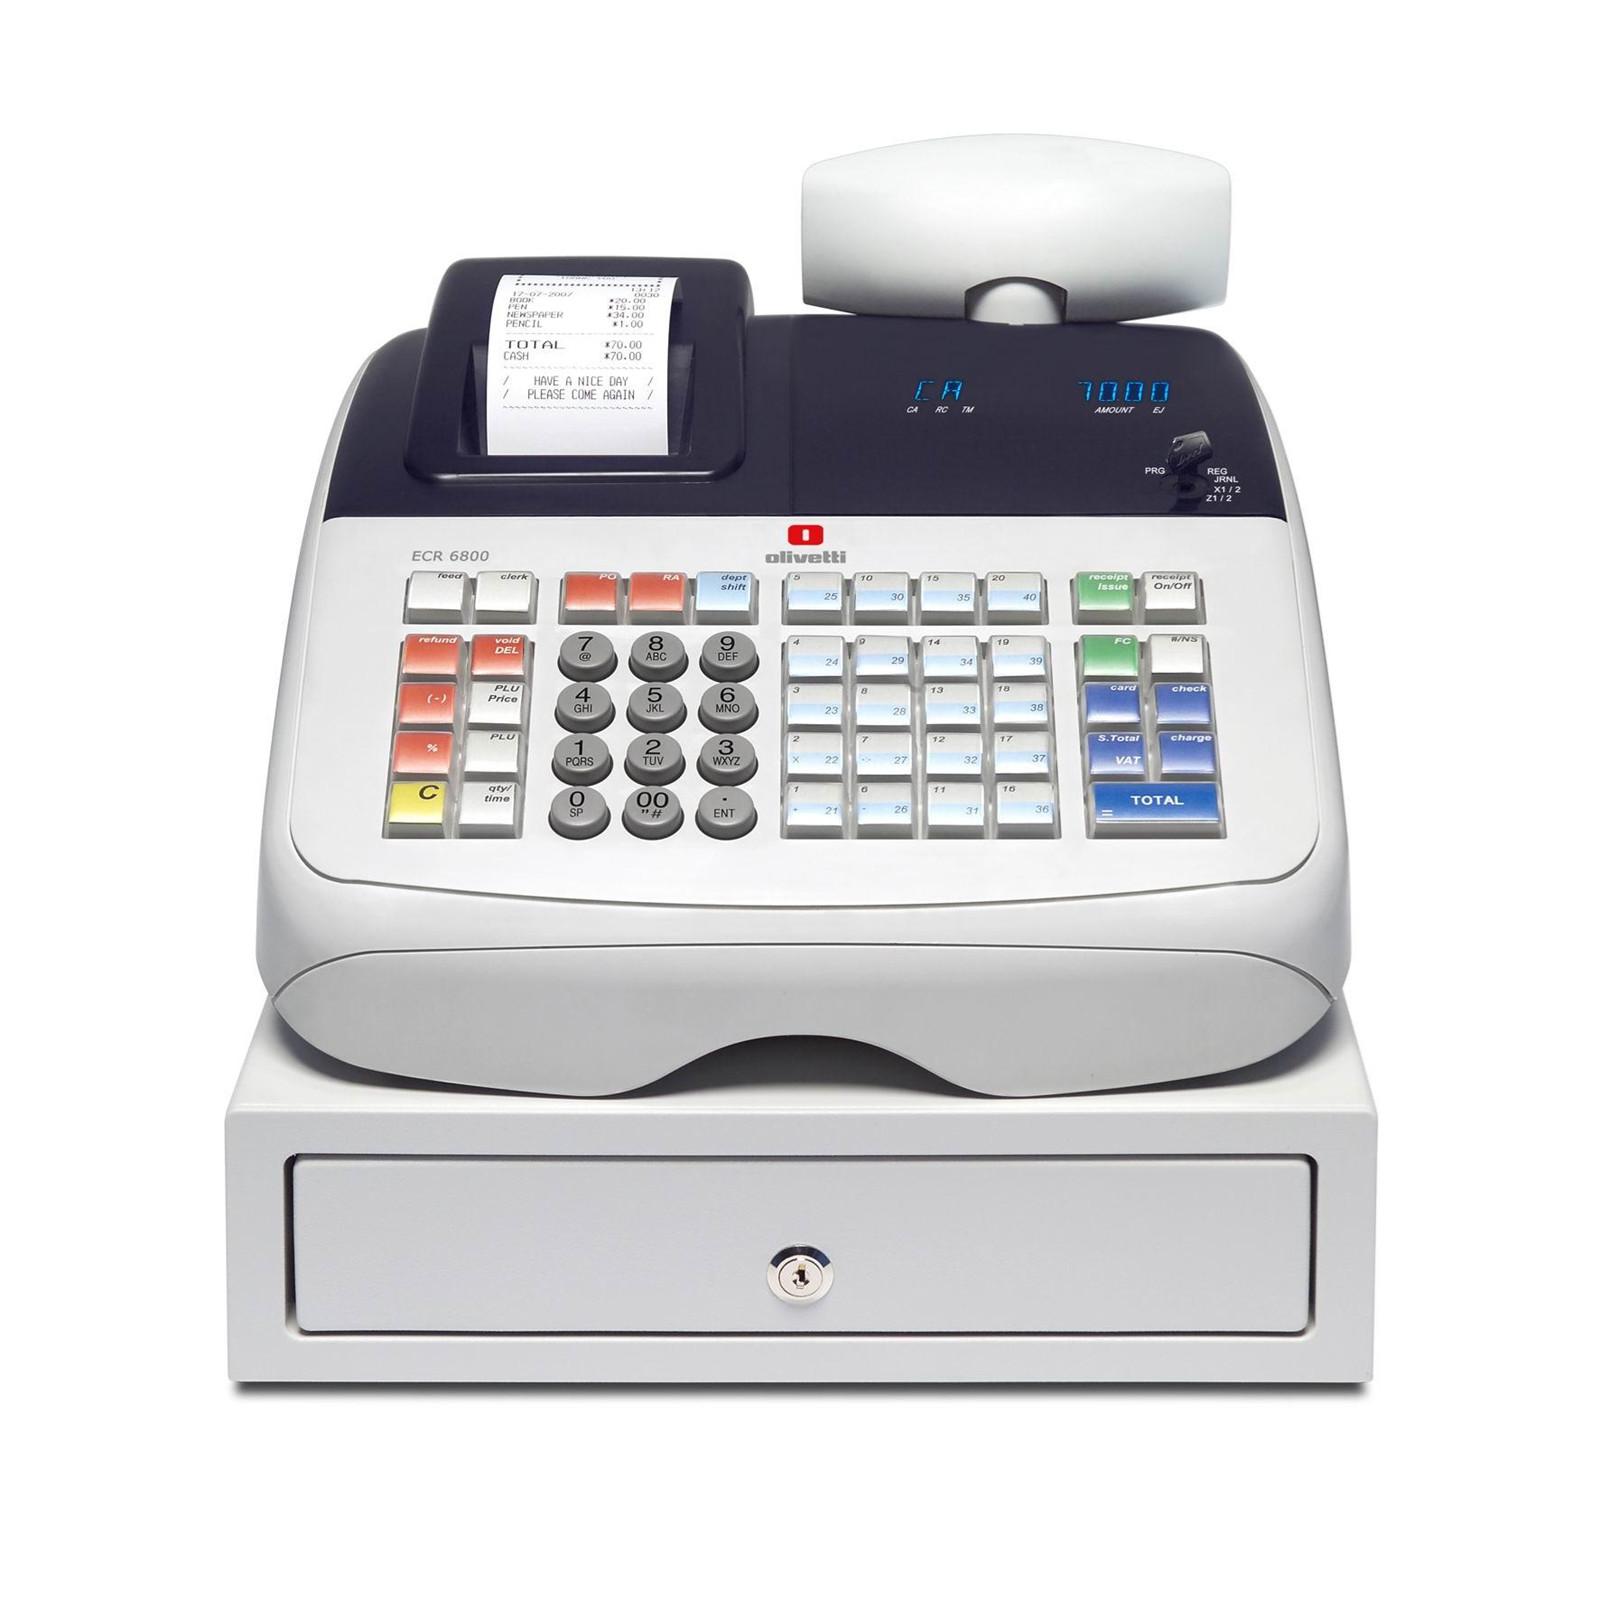 Olivetti ECR 6800 - Kasseapparat